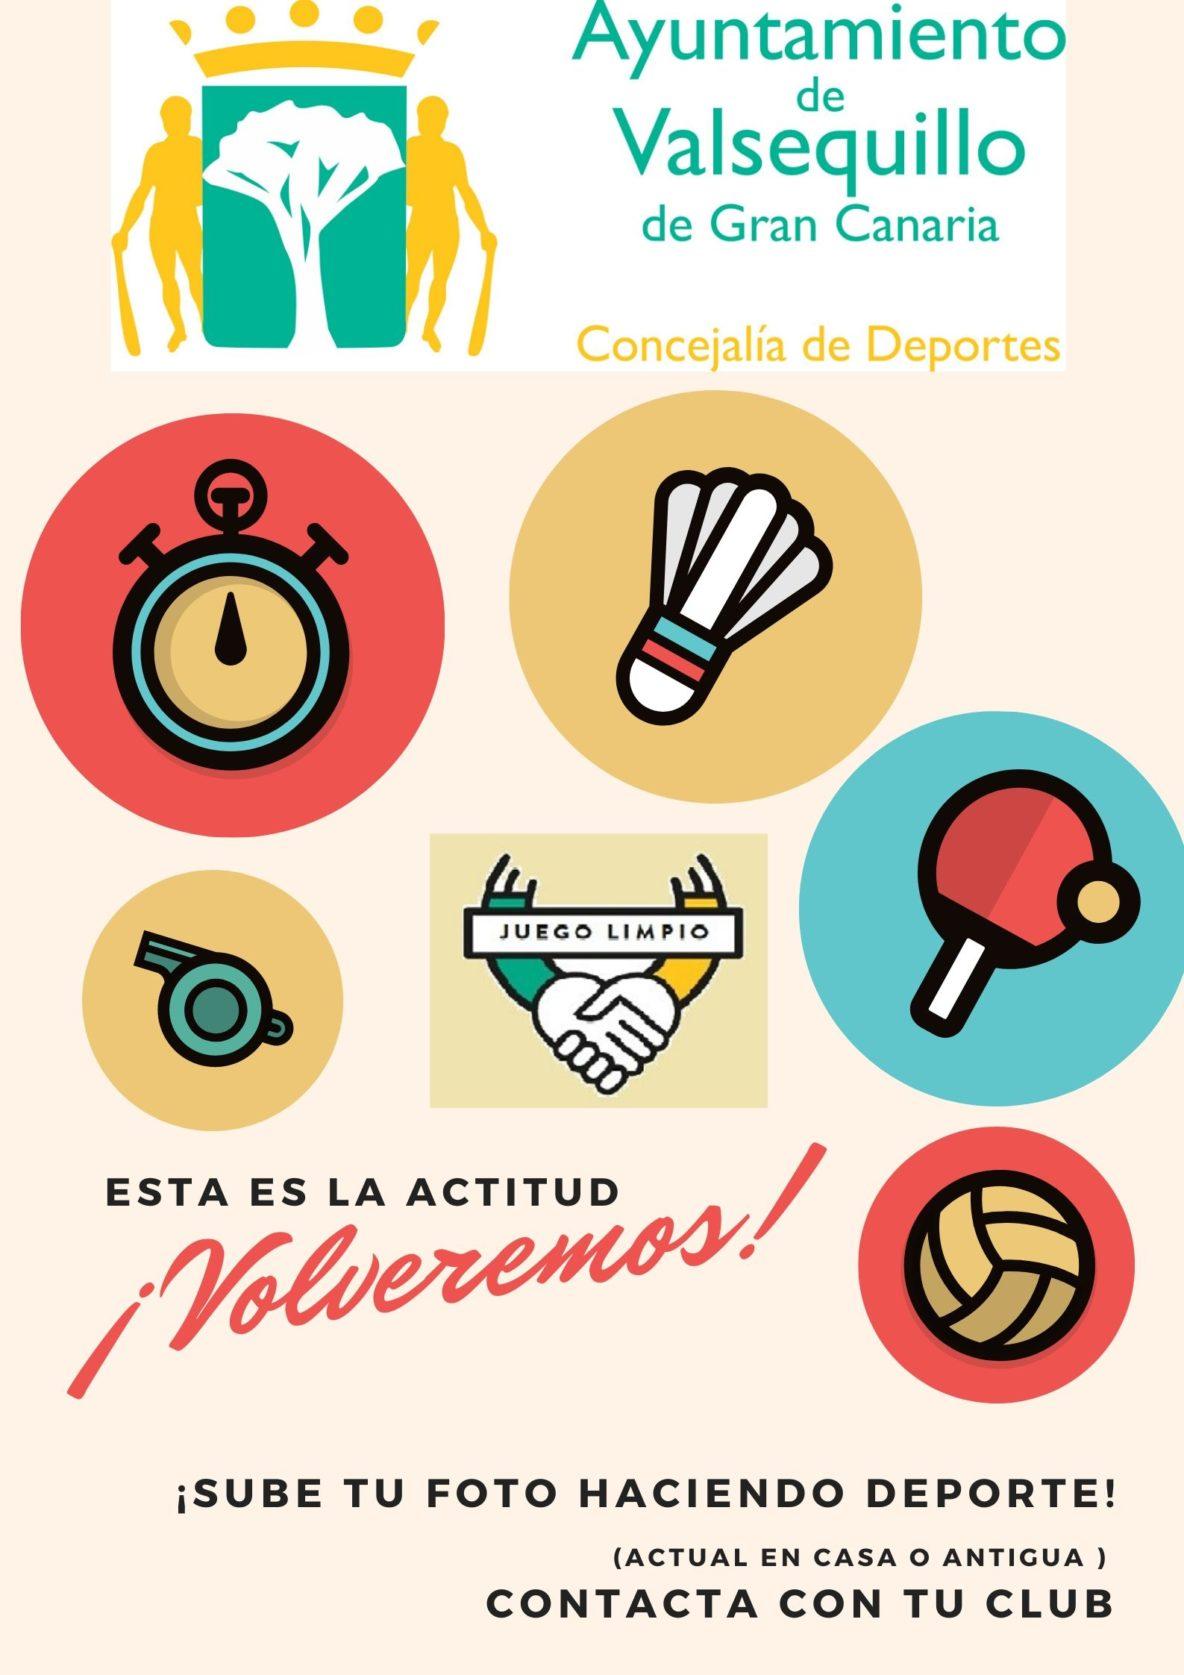 cartel compartir fotos deportivas